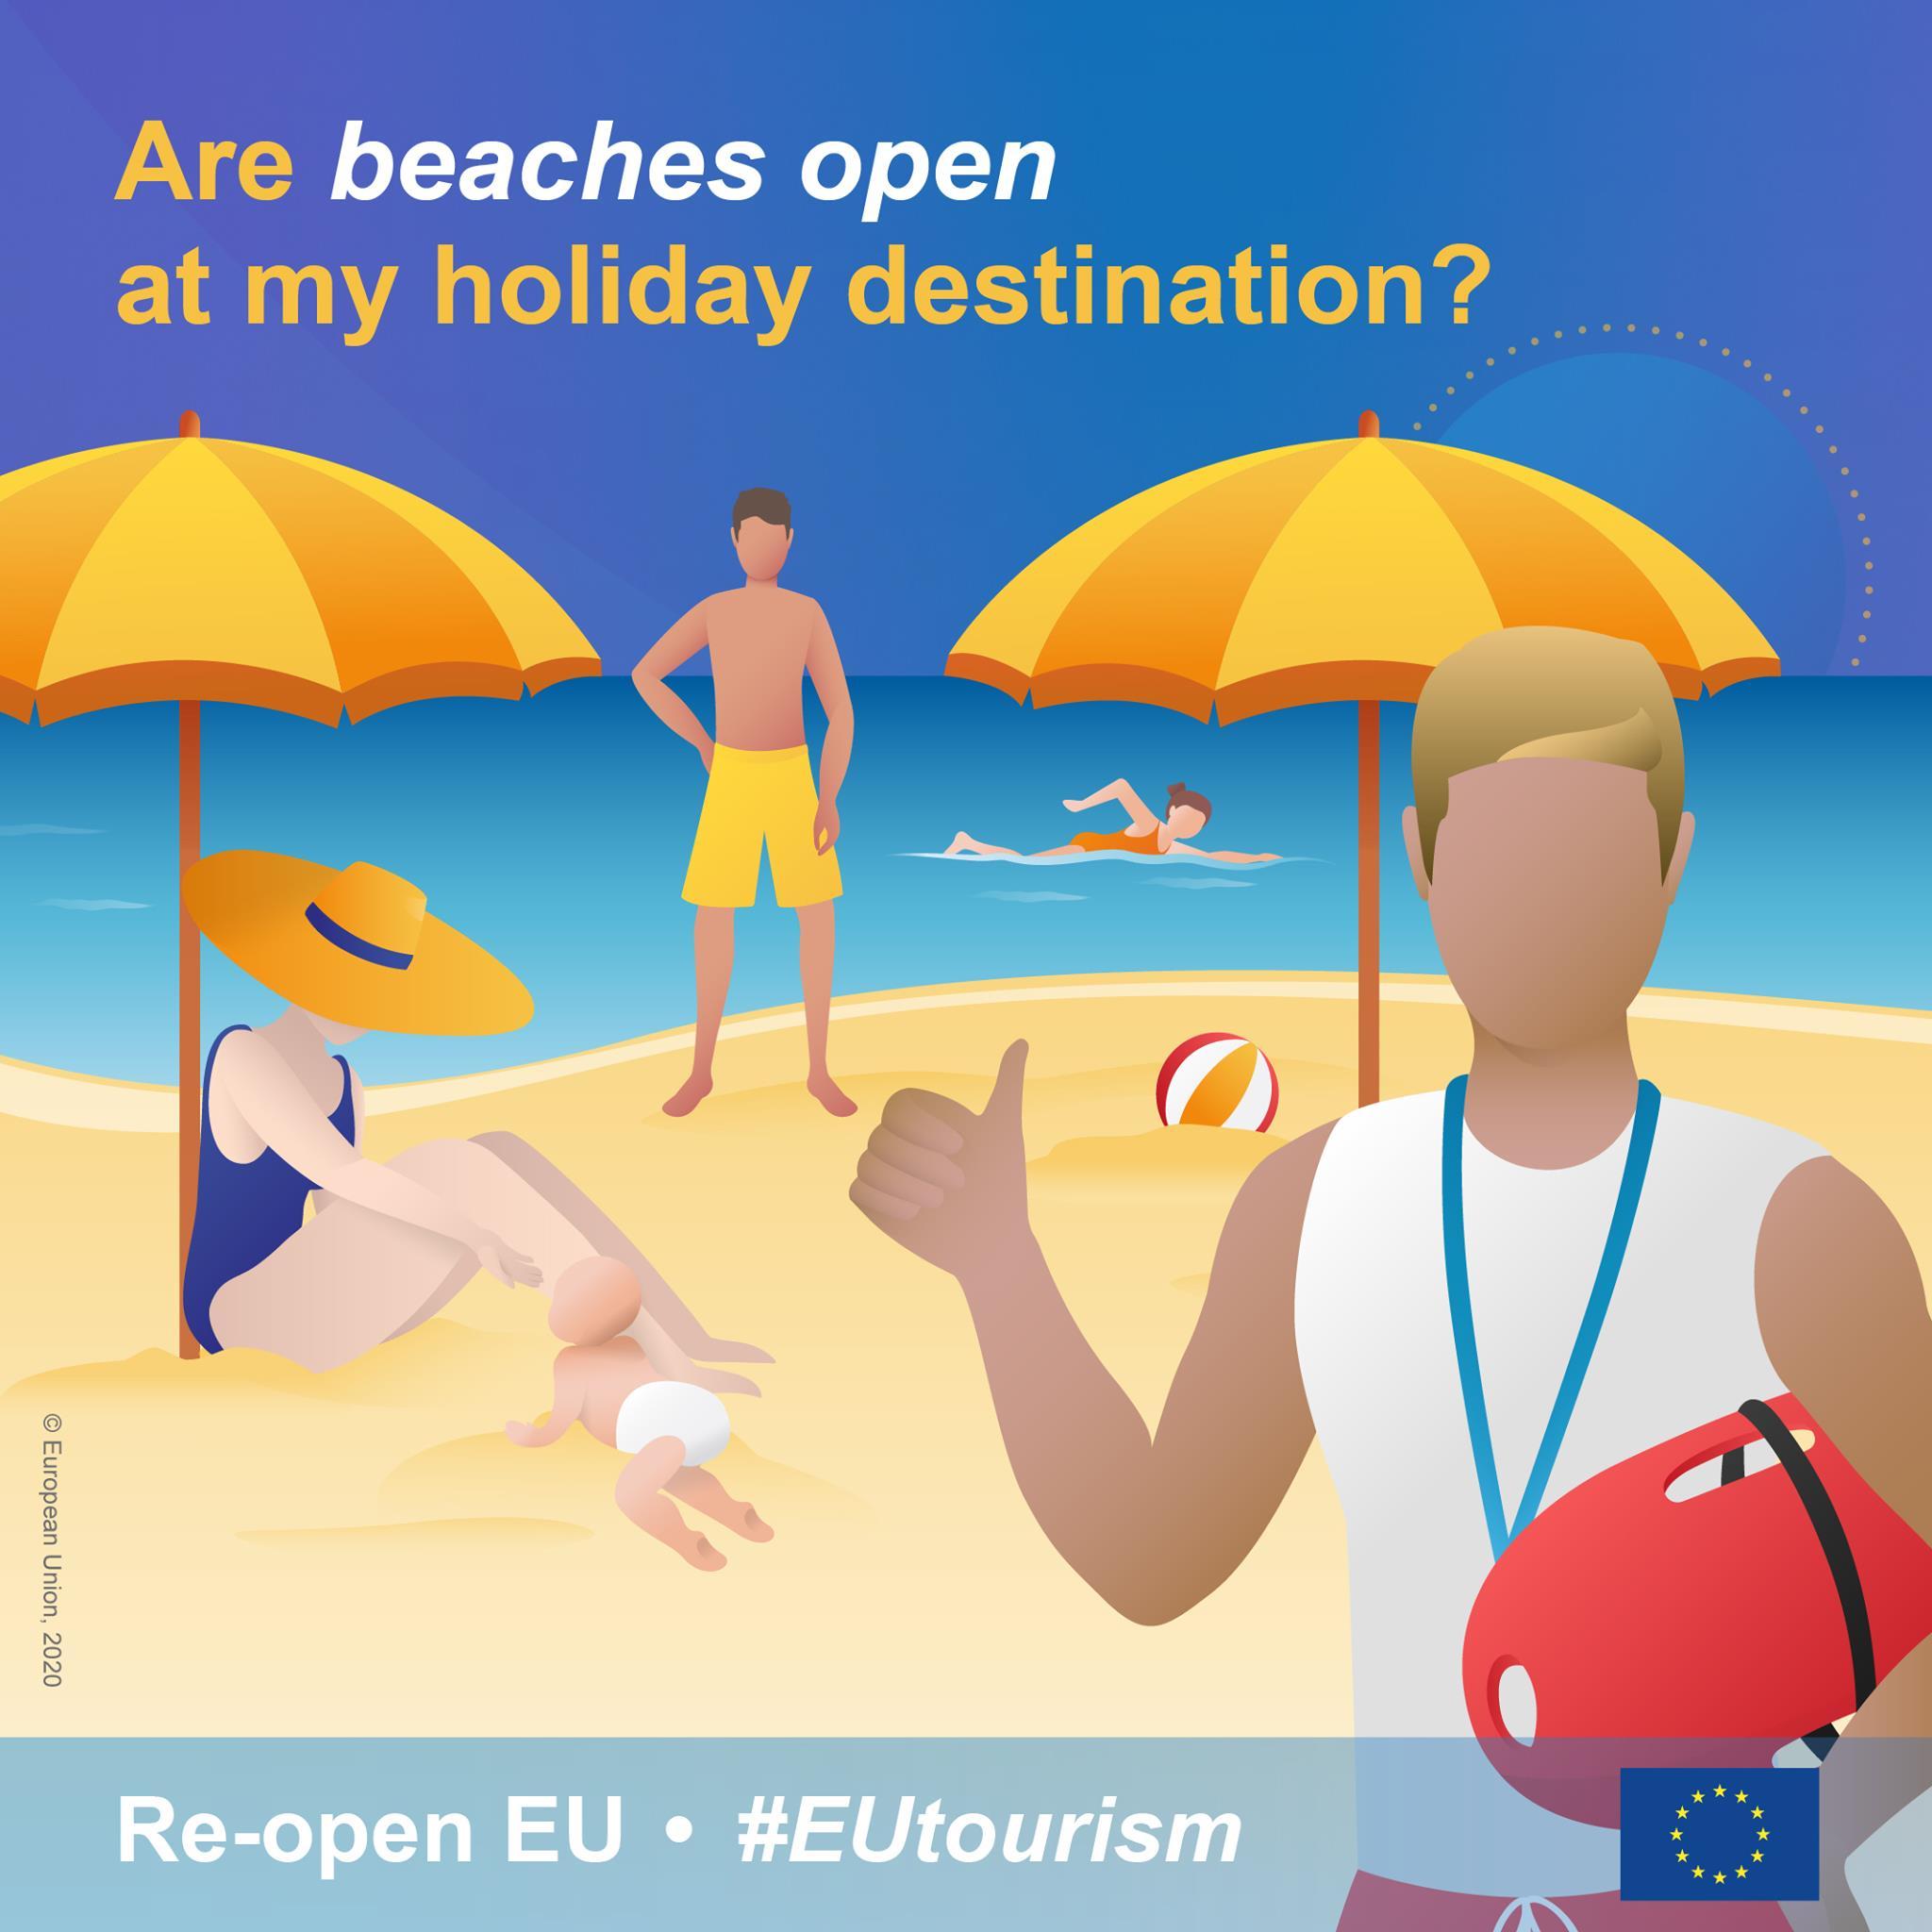 ljudi na plaži, vizual portala Re-open EU